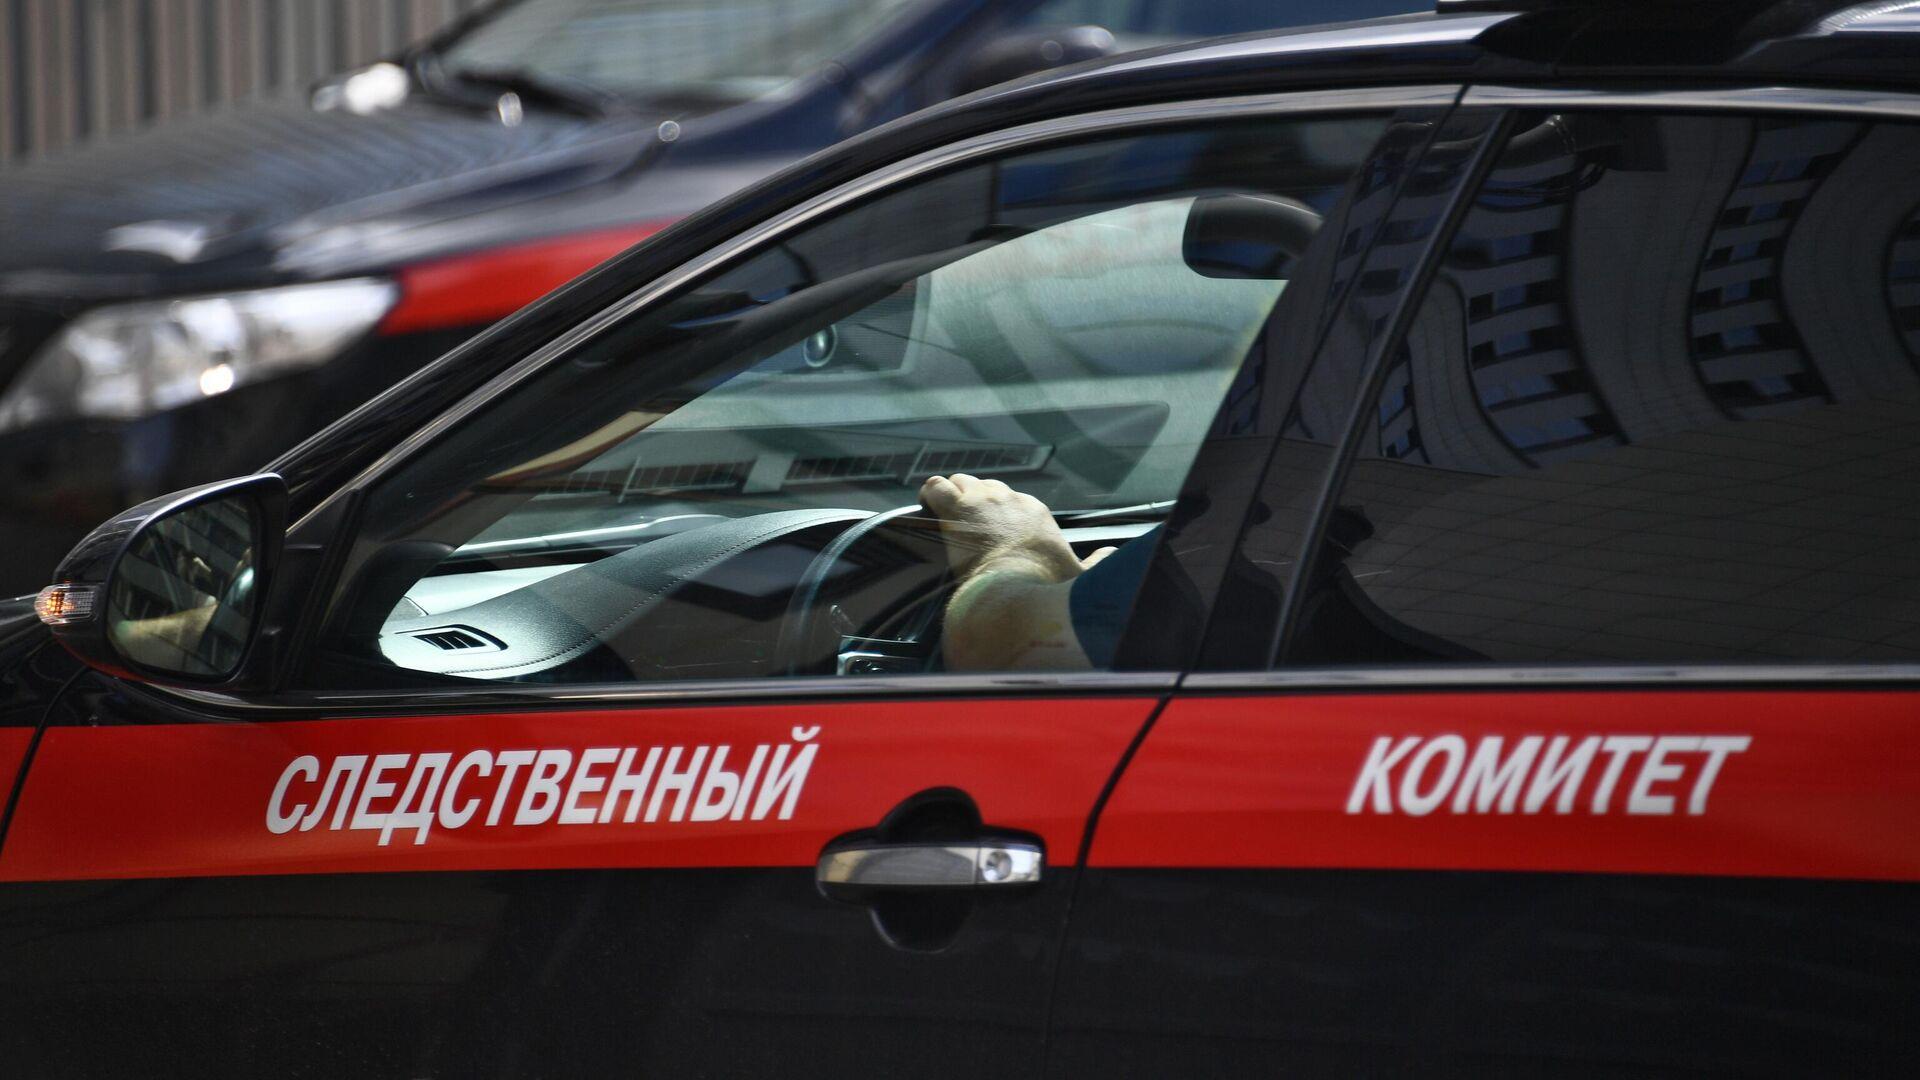 Автомобиль Следственного комитета РФ - РИА Новости, 1920, 11.12.2020